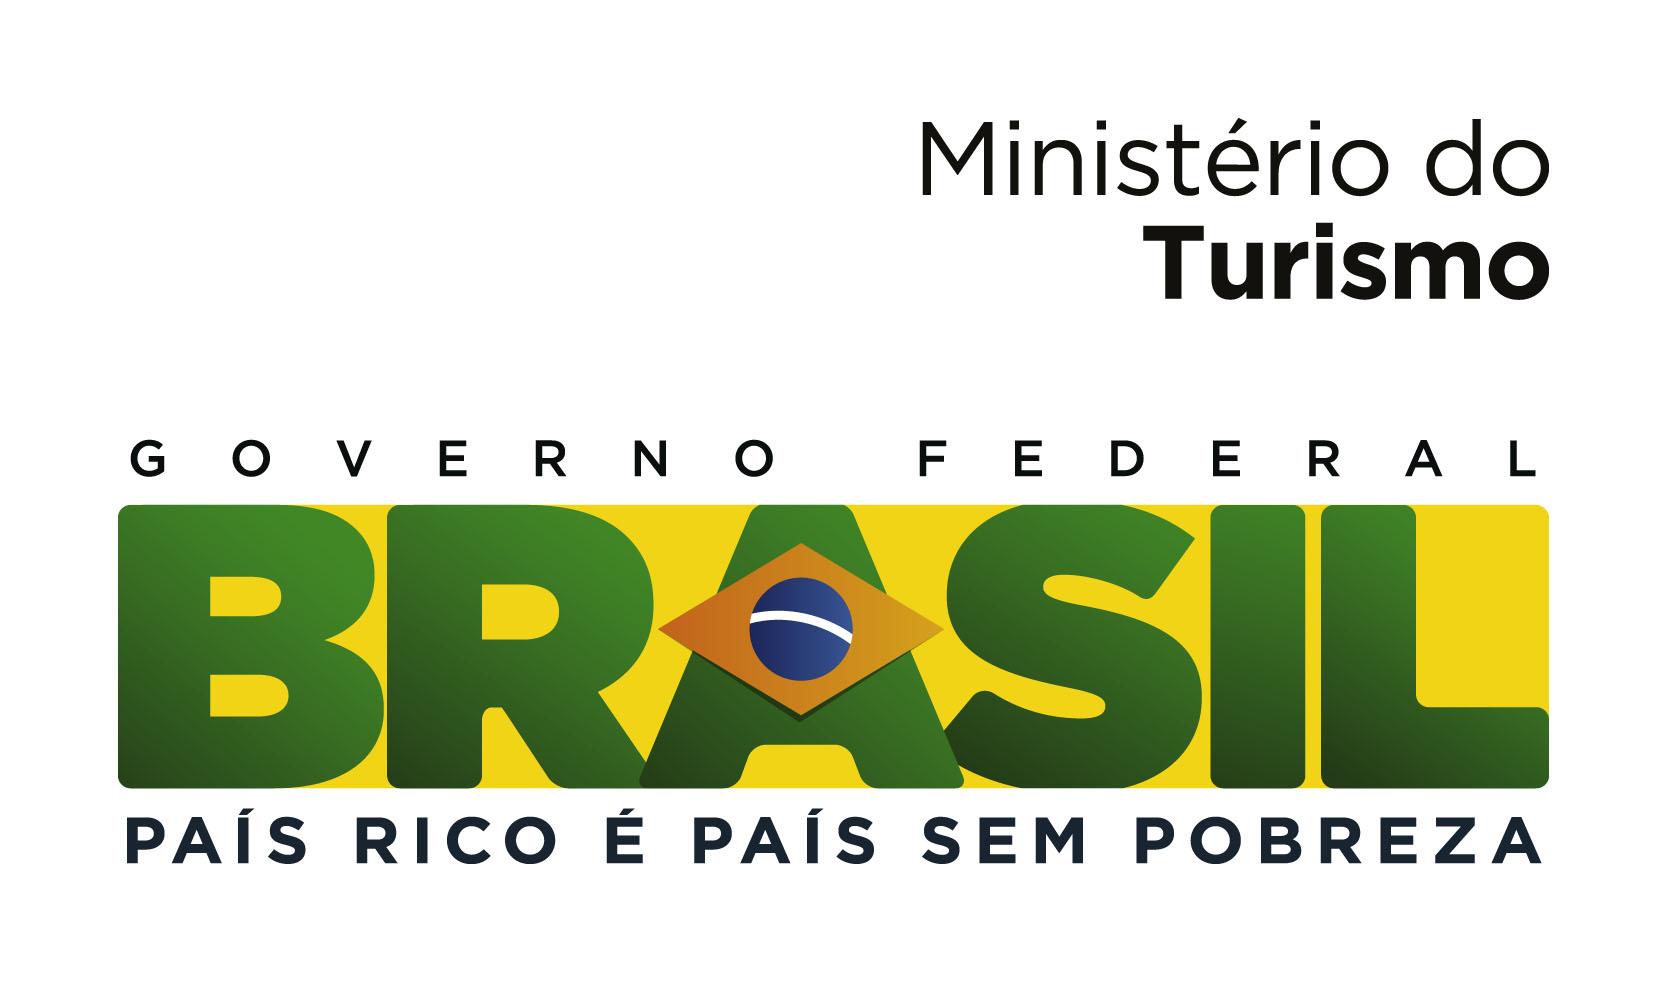 Servidores federais dos minist rios for Ministerio de seguridad telefonos internos